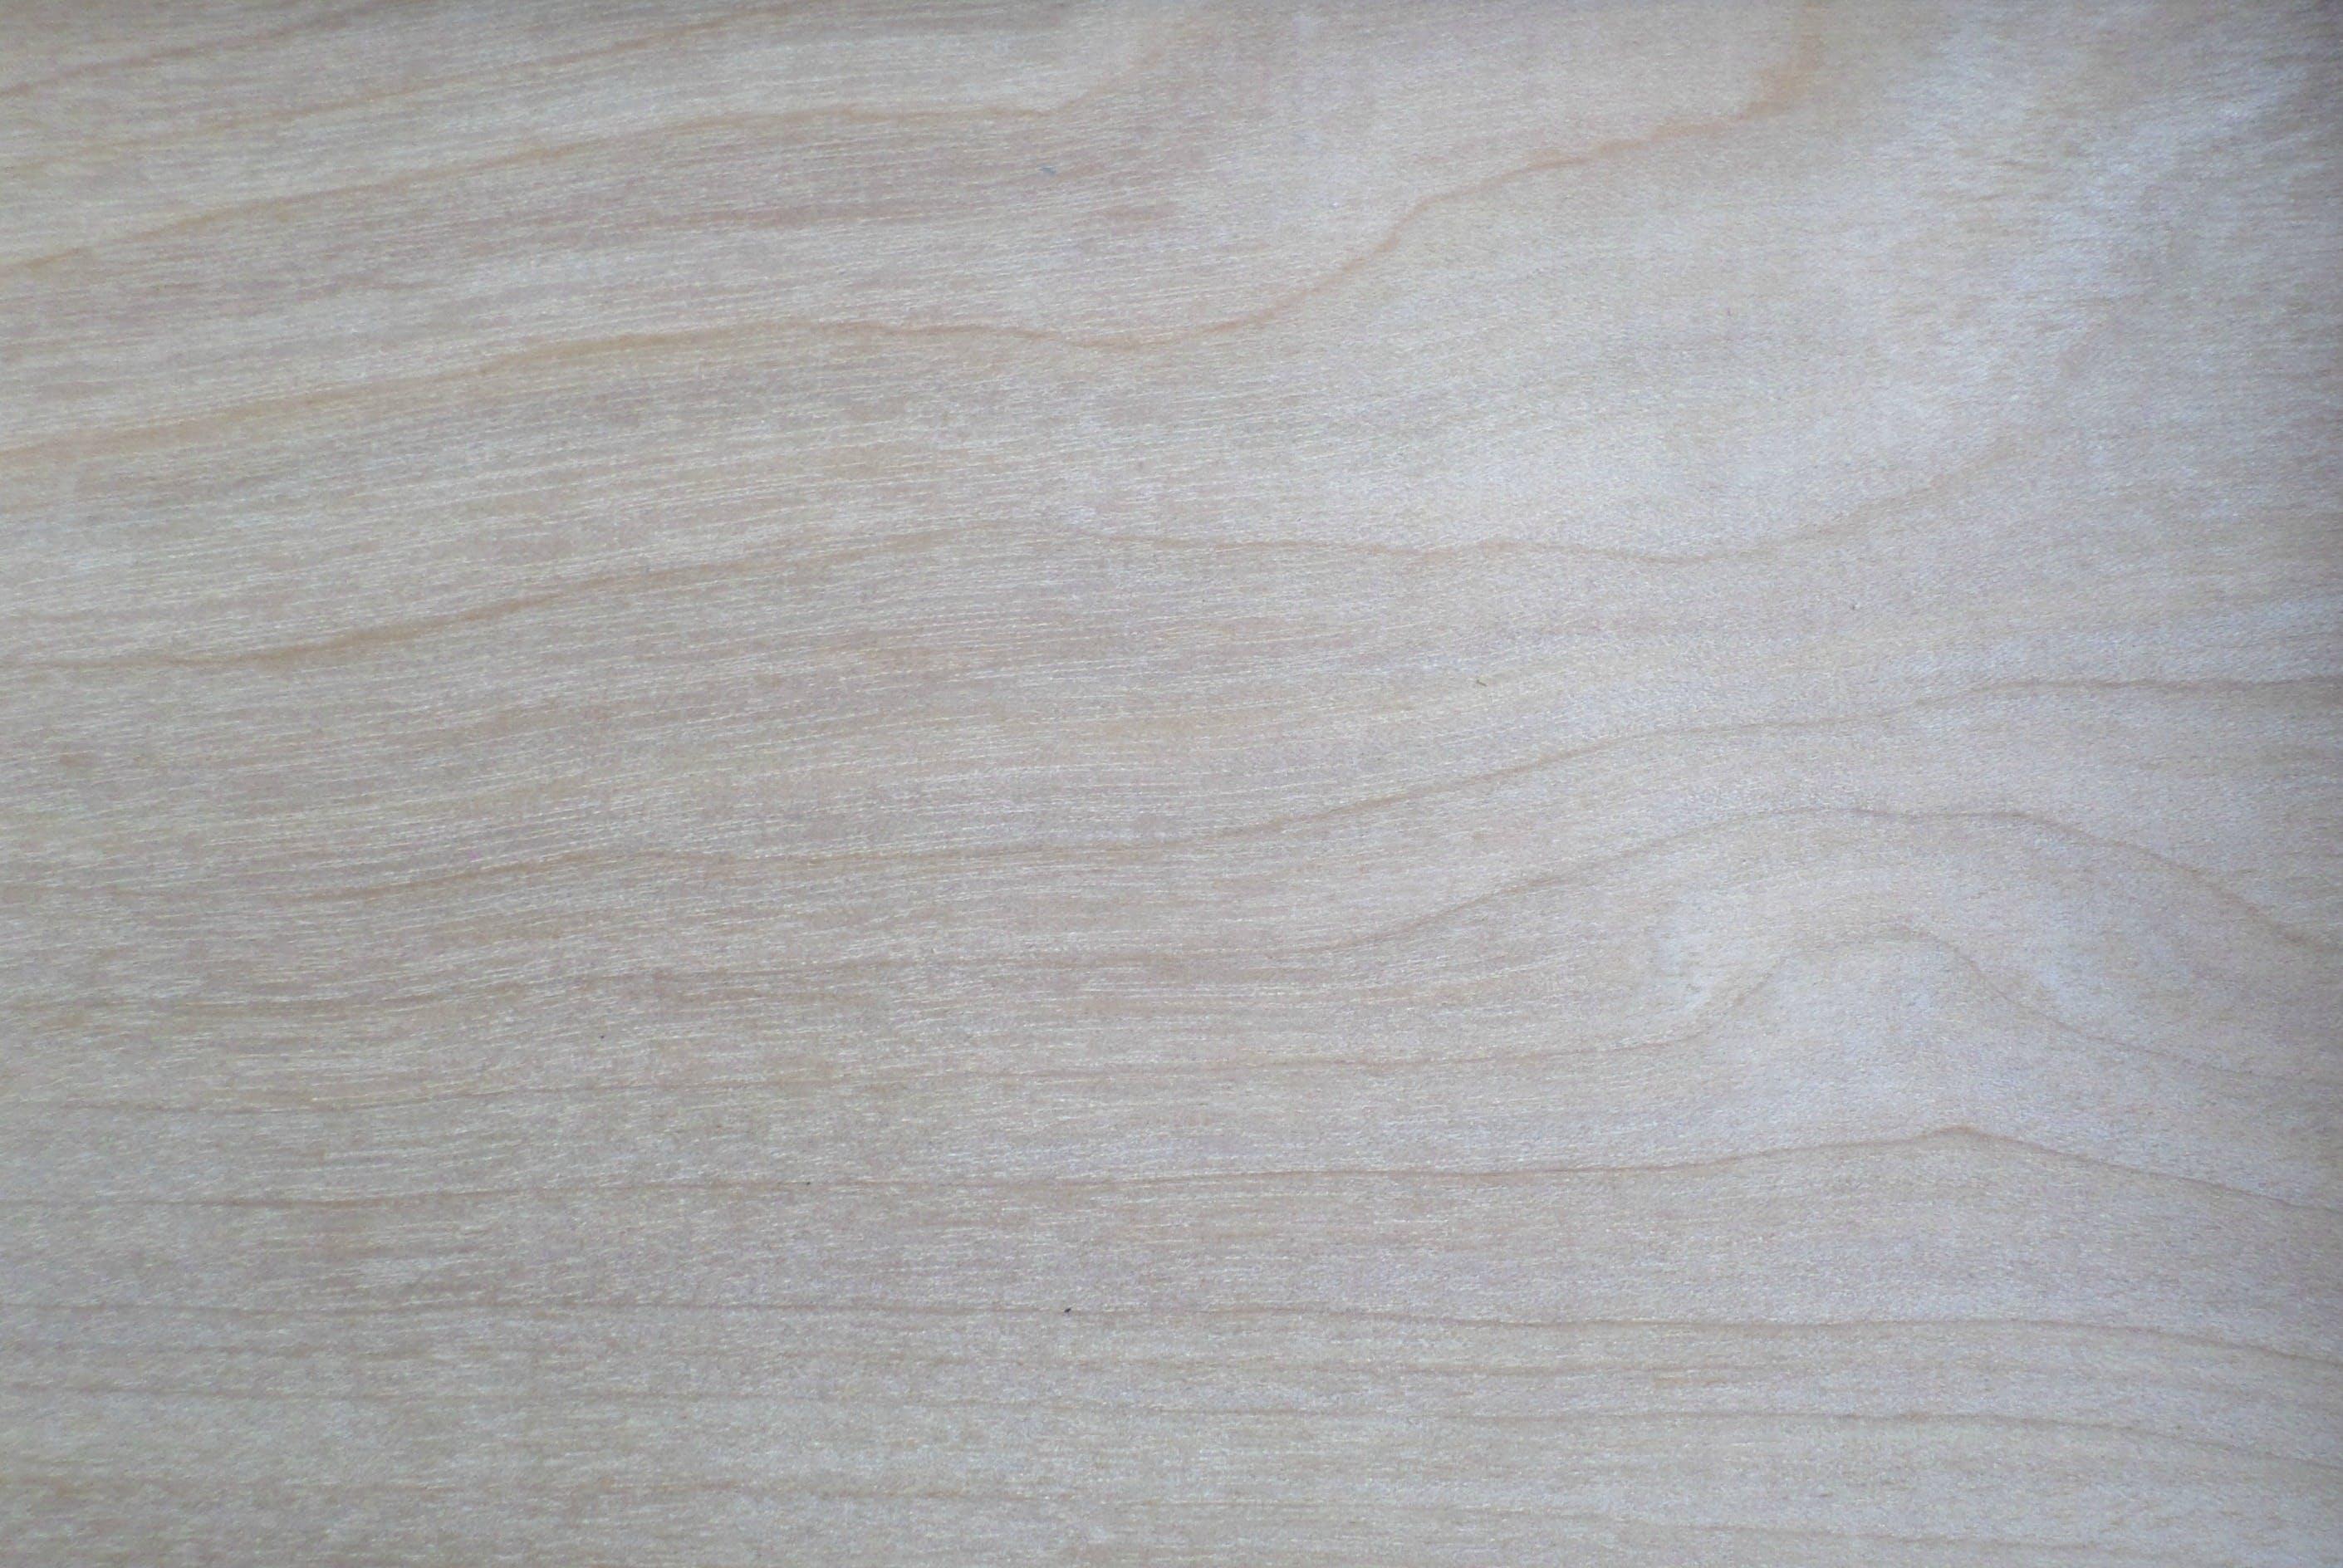 Gratis lagerfoto af baggrund, fyrretræ, tekstur, træ